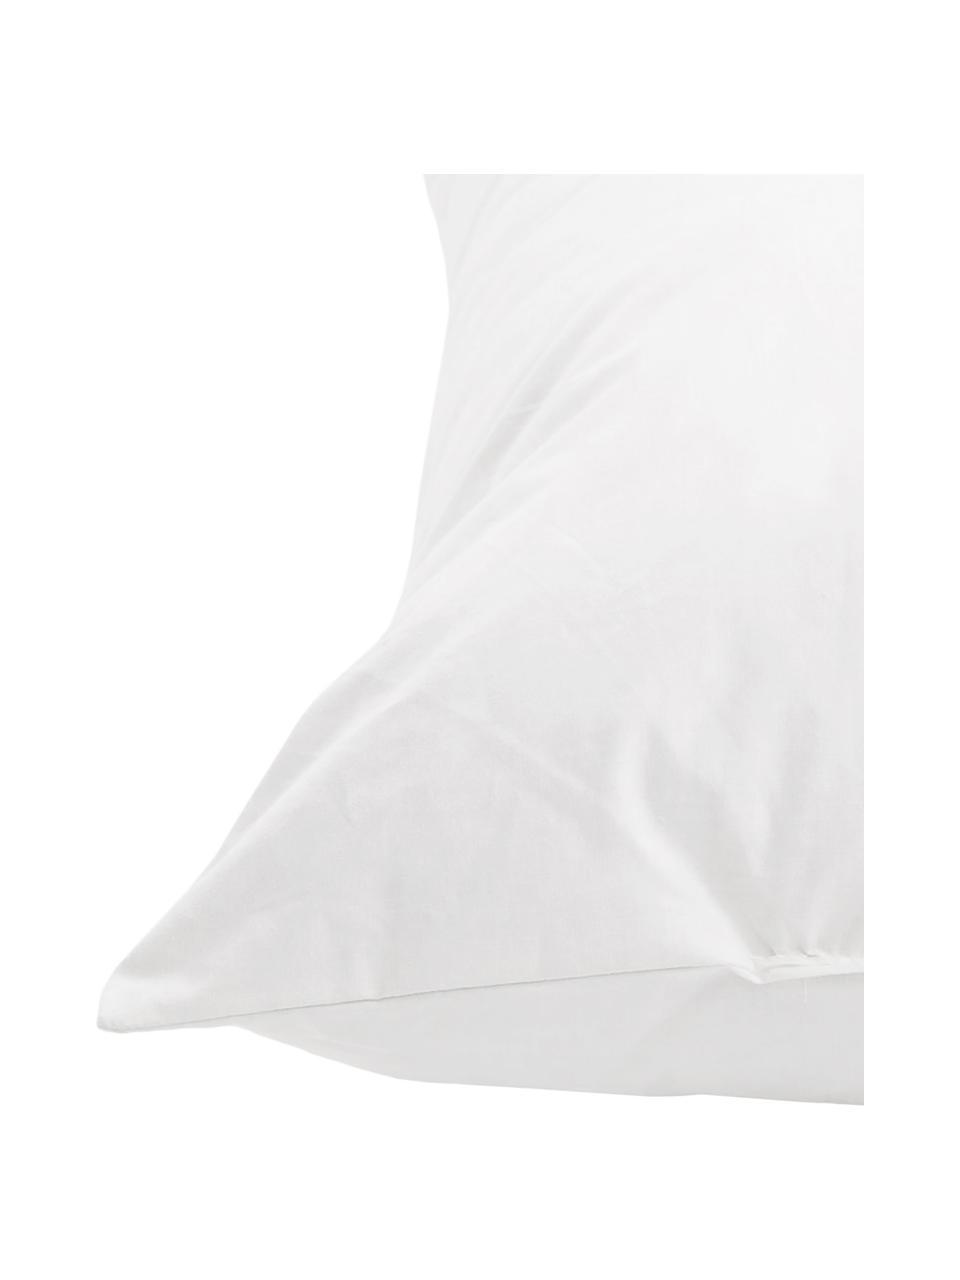 Wkład do poduszki z pierza Comfort, 50x50, Biały, S 50 x D 50 cm